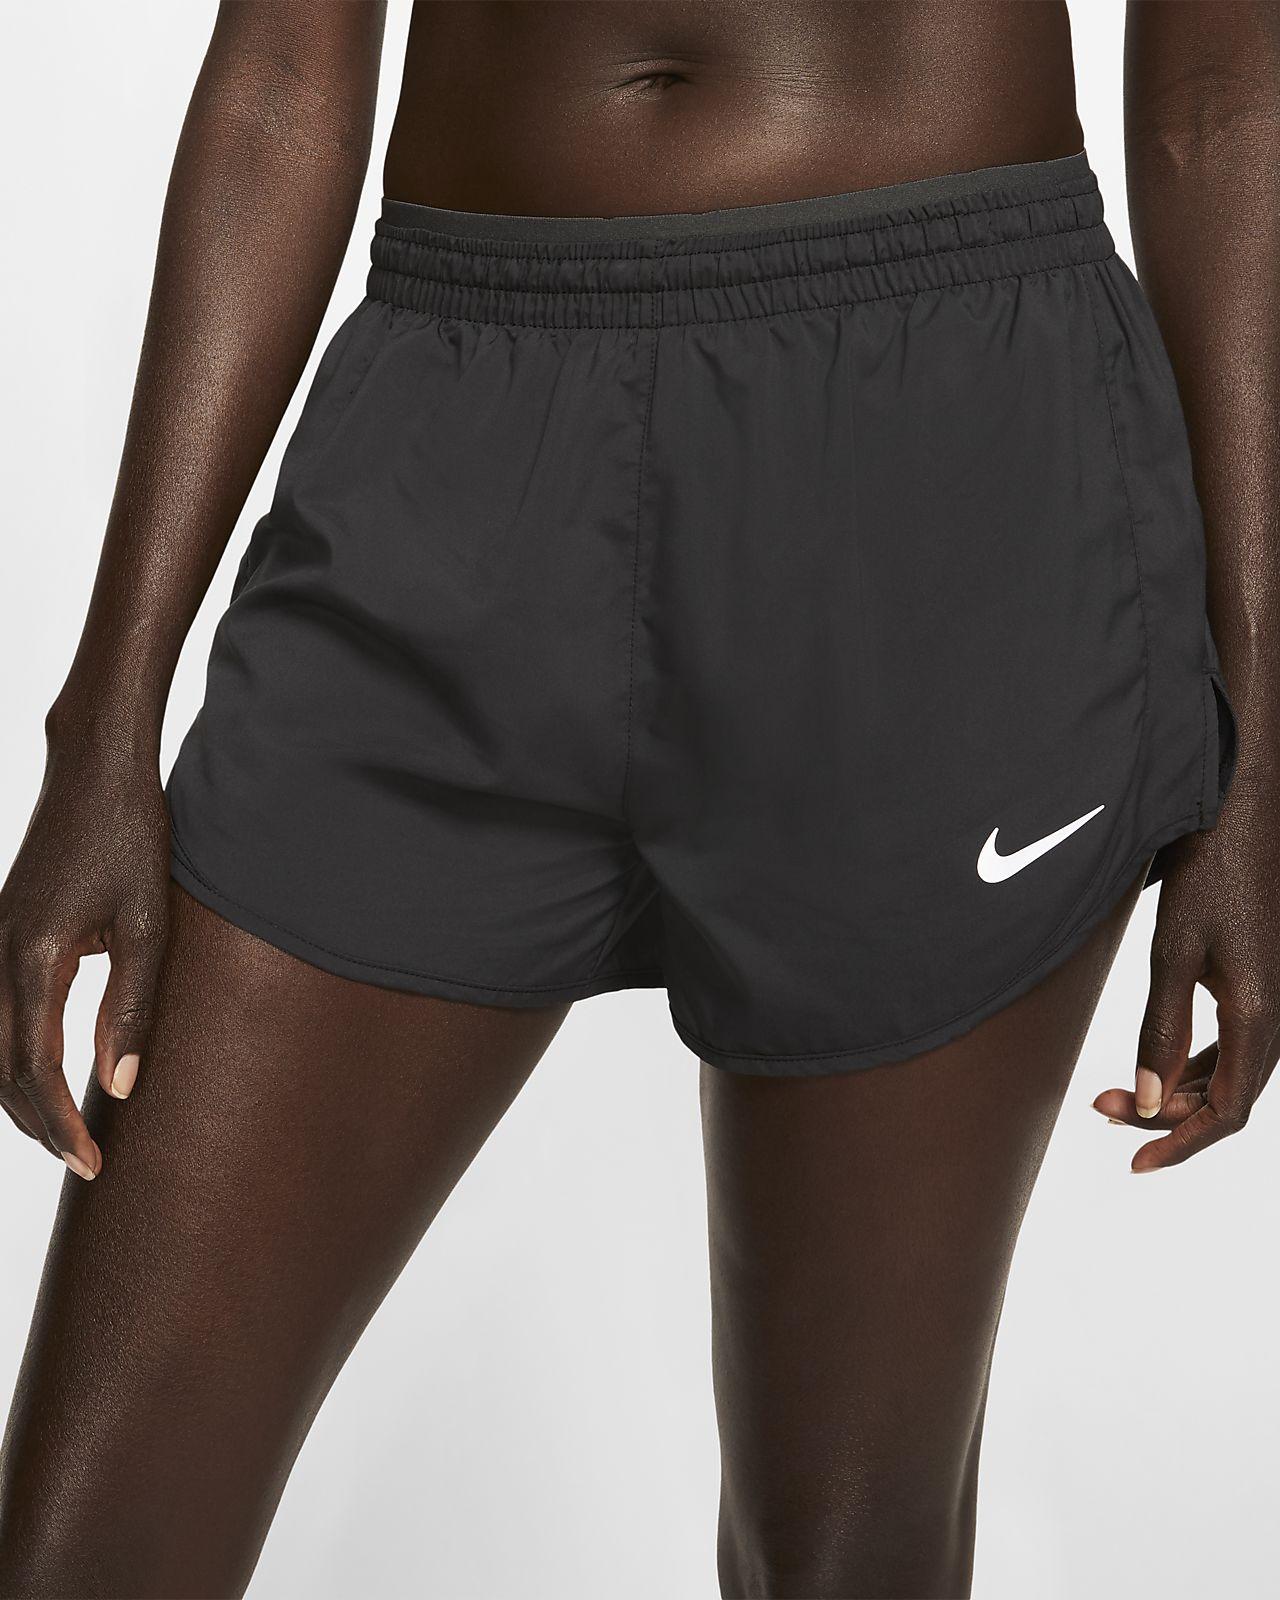 กางเกงวิ่งขาสั้นผู้หญิง Nike Tempo Luxe